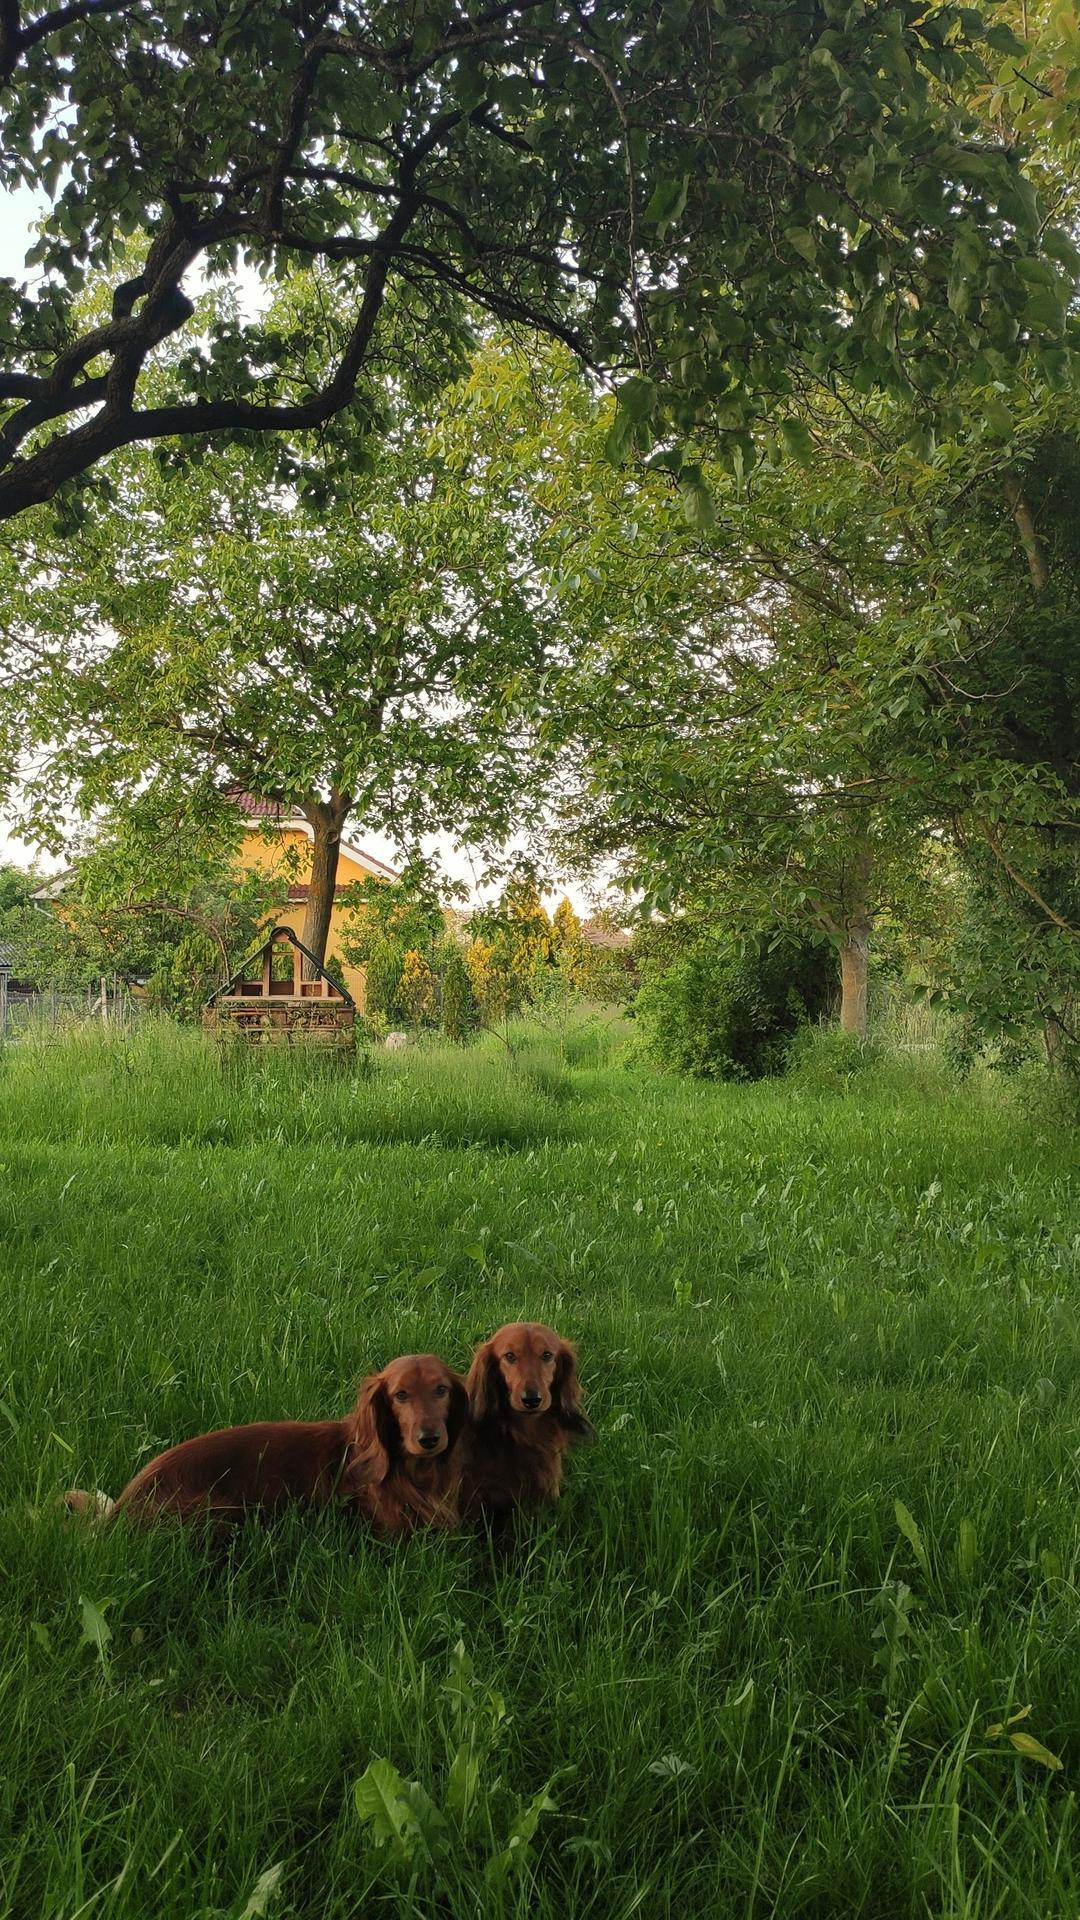 Vyvýšené záhony a úžitková záhrada - sezóna 2021 ... príprava, sadenie, starostlivosť - Obrázok č. 48